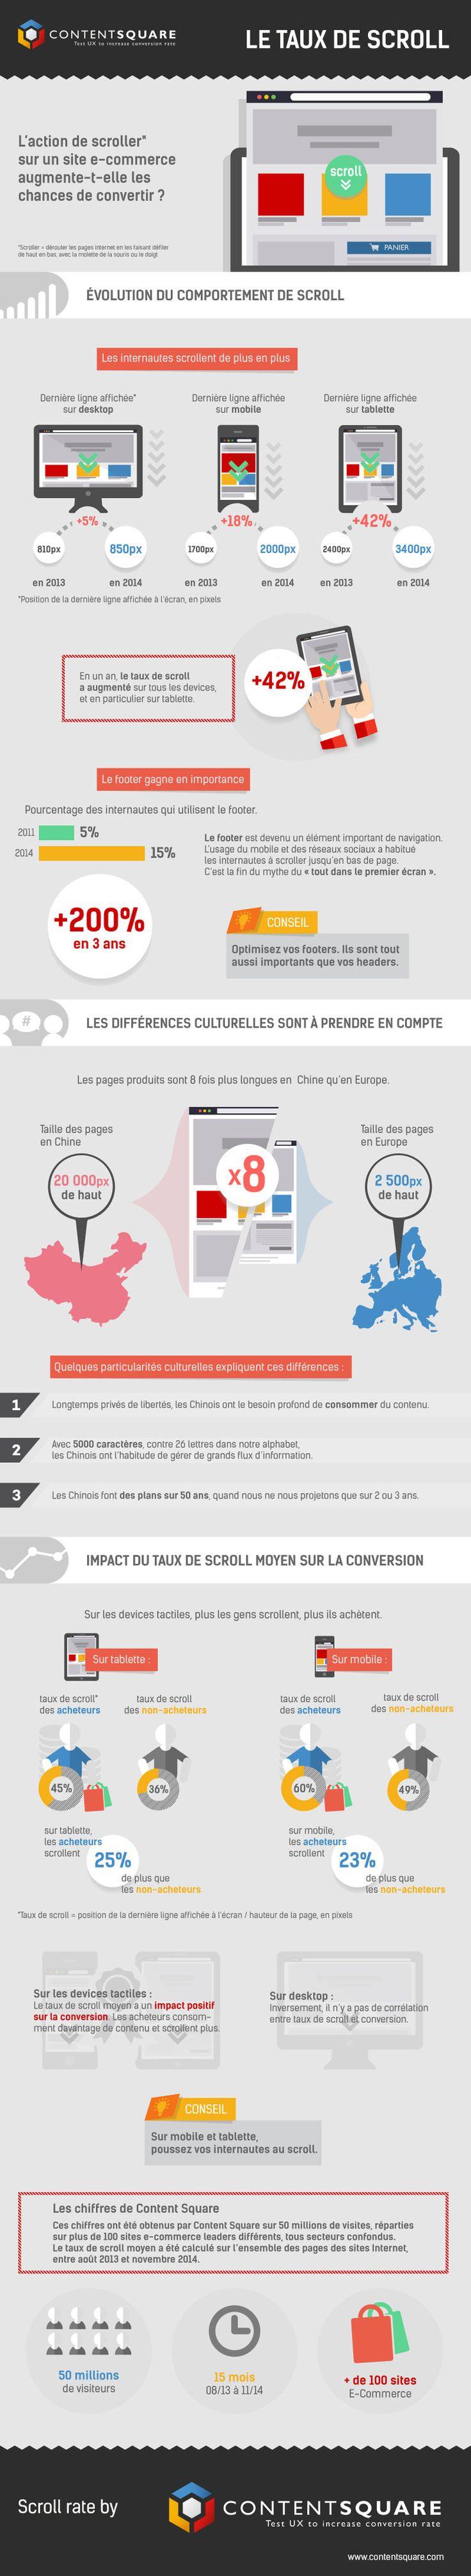 Quels sont les taux de scroll sur les sites e-commerce en fonction de différents terminaux ? Quel impact sur la conversion ?